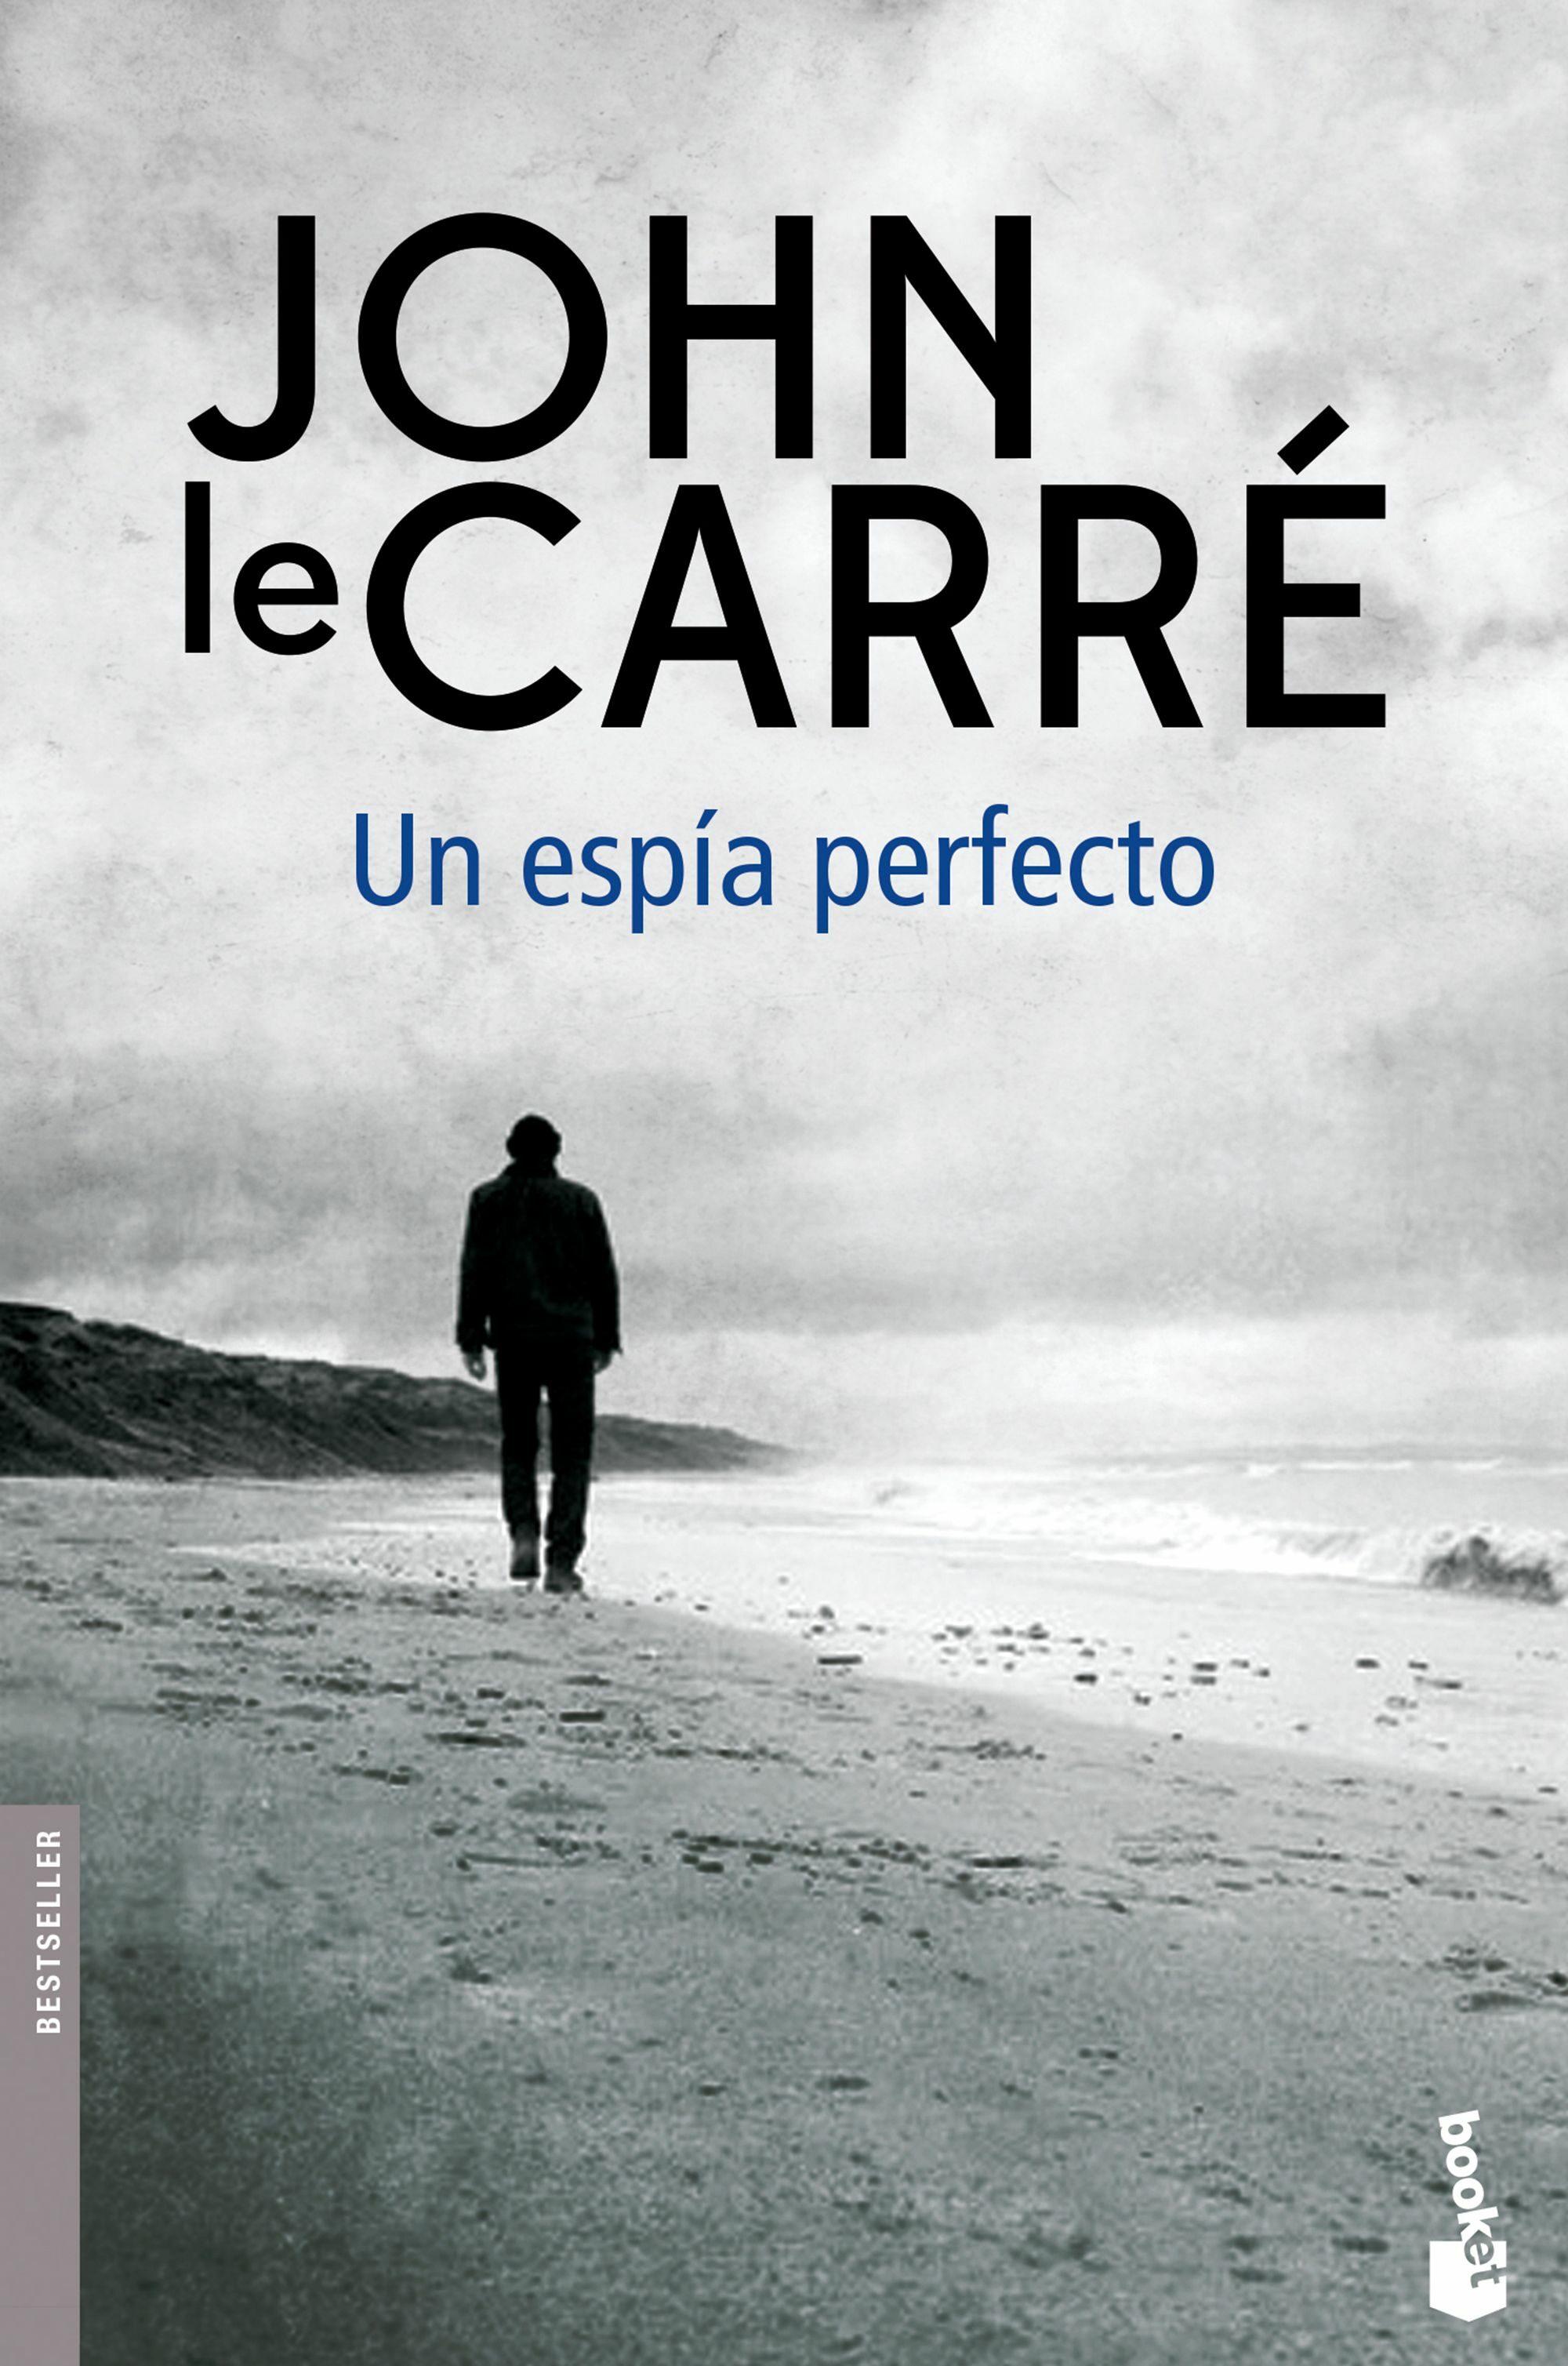 Un Espía Perfecto - Carre John Le